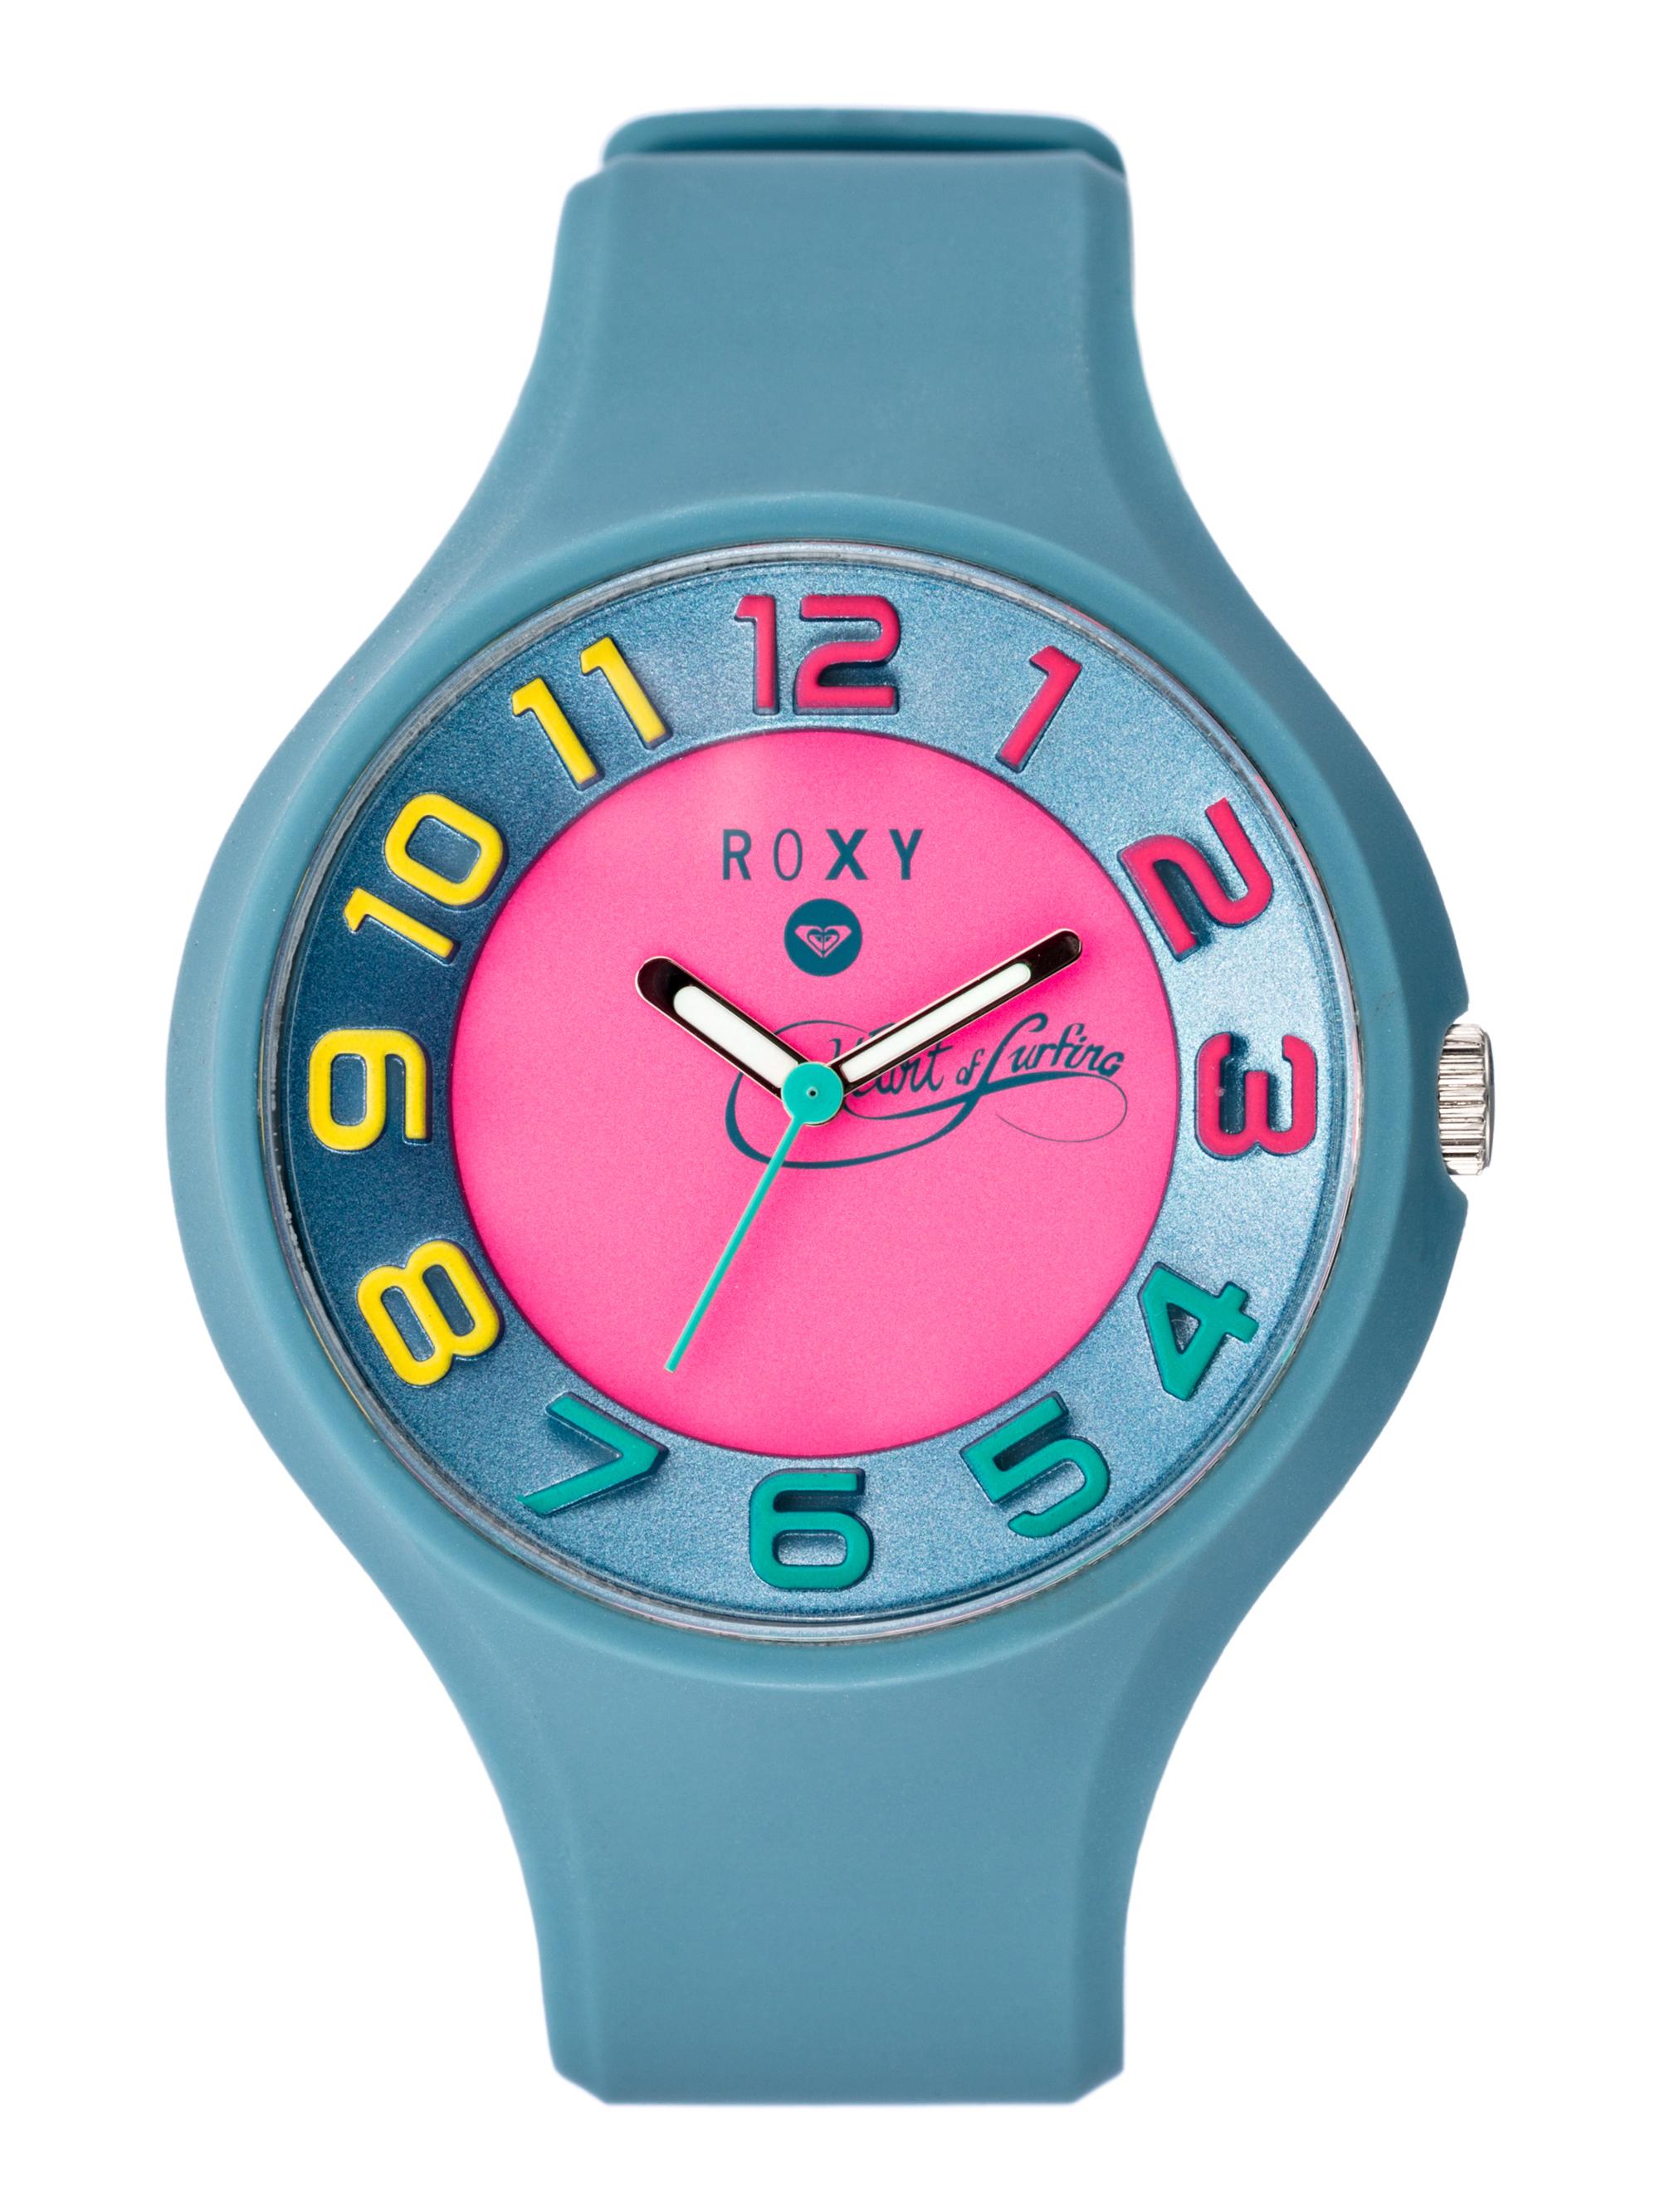 dámské hodinky ROXY SUNDAI J XSSM